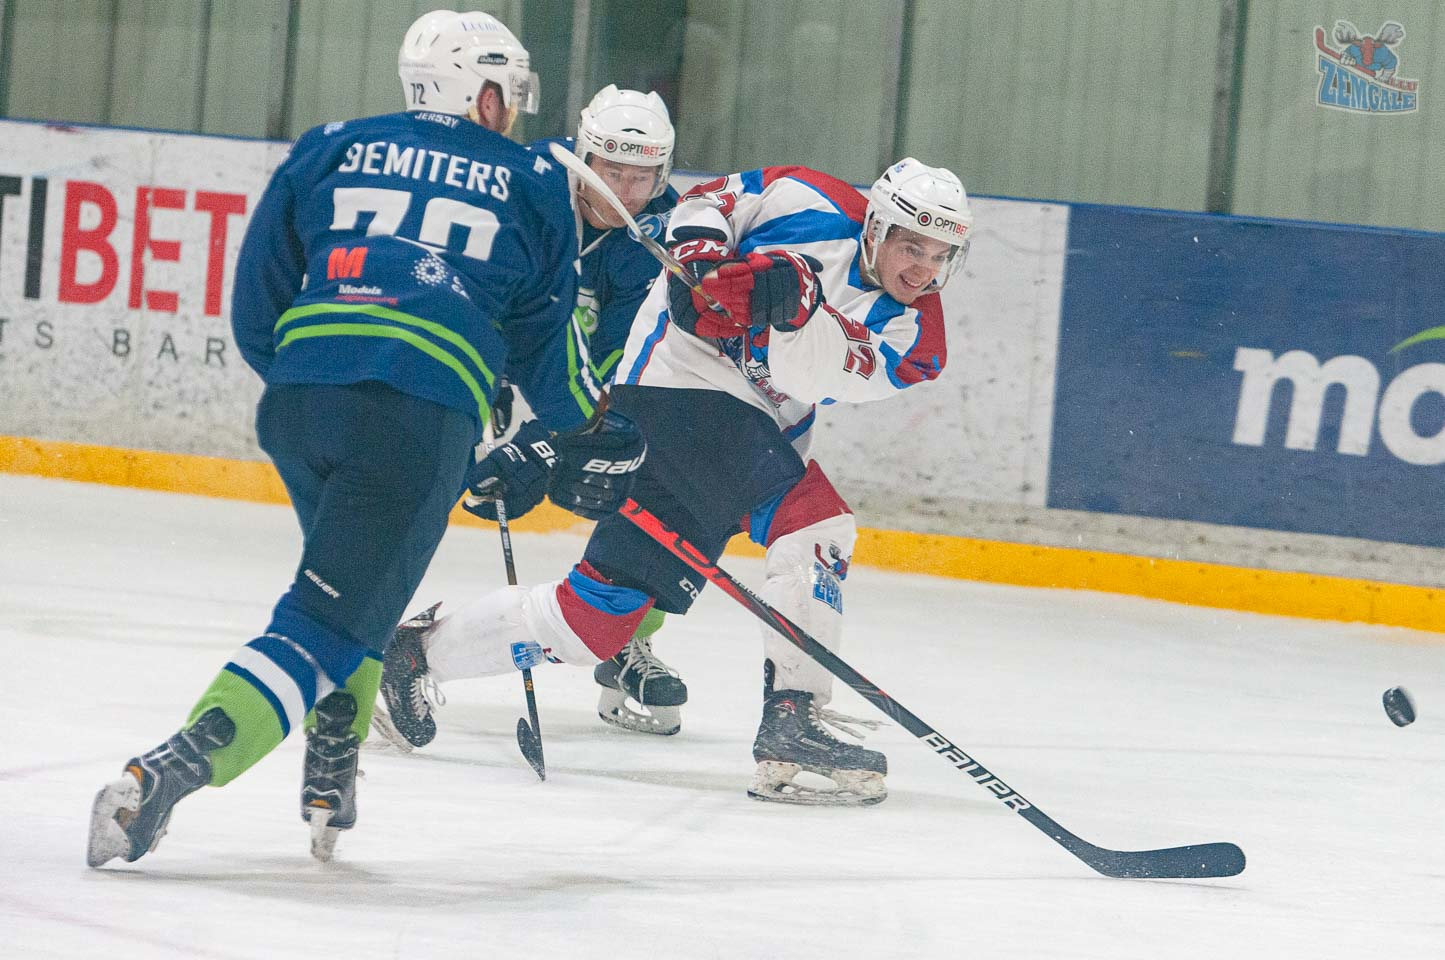 Hokeja uzbrucējs izdara metienu divu spēlētāju ielenkumā